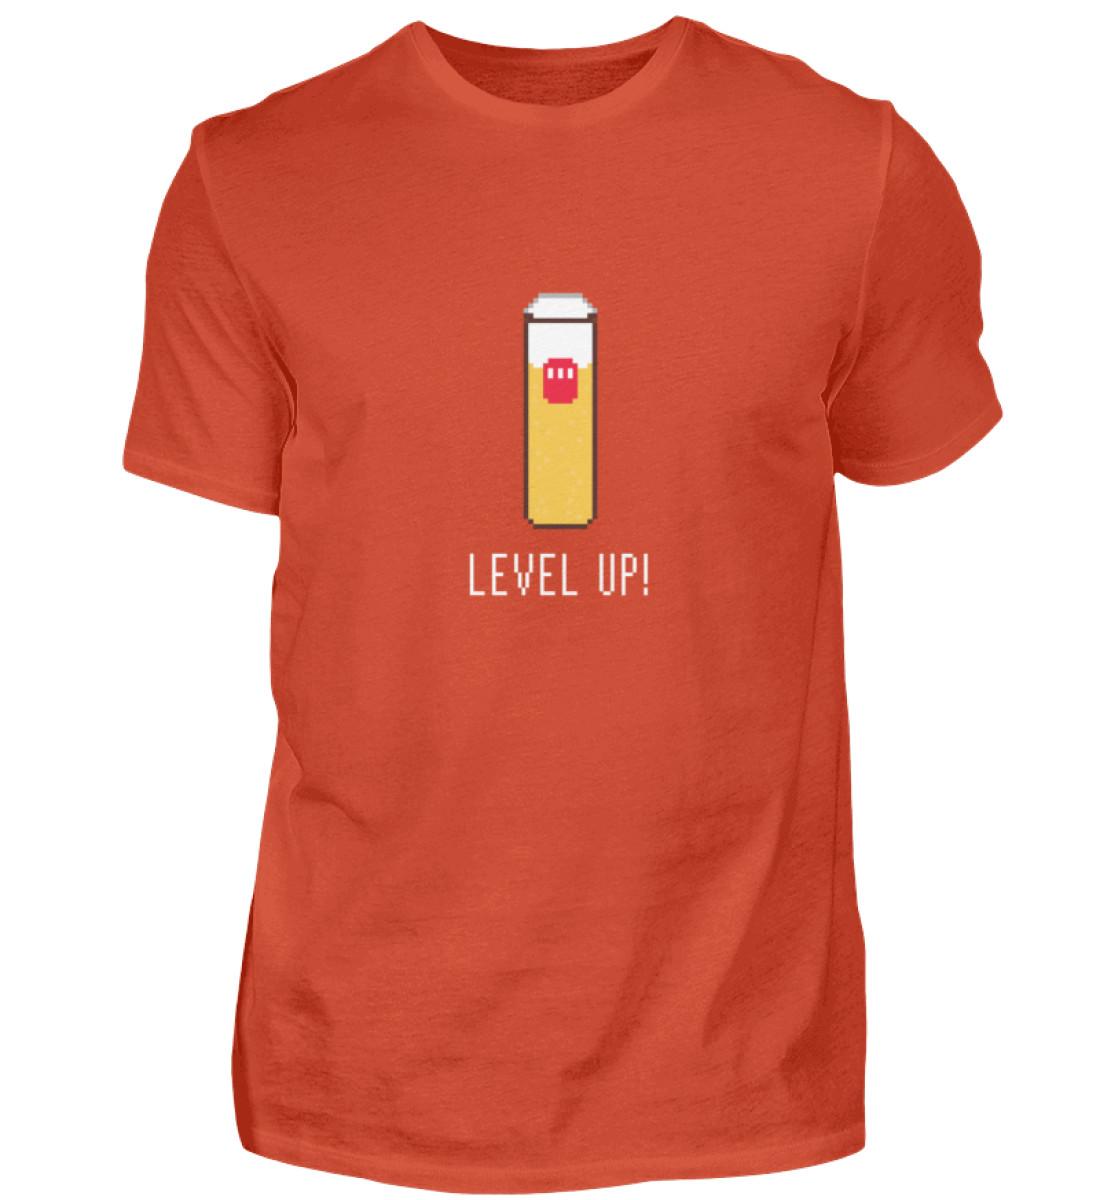 Level up T-Shirt - Herren Shirt-1236